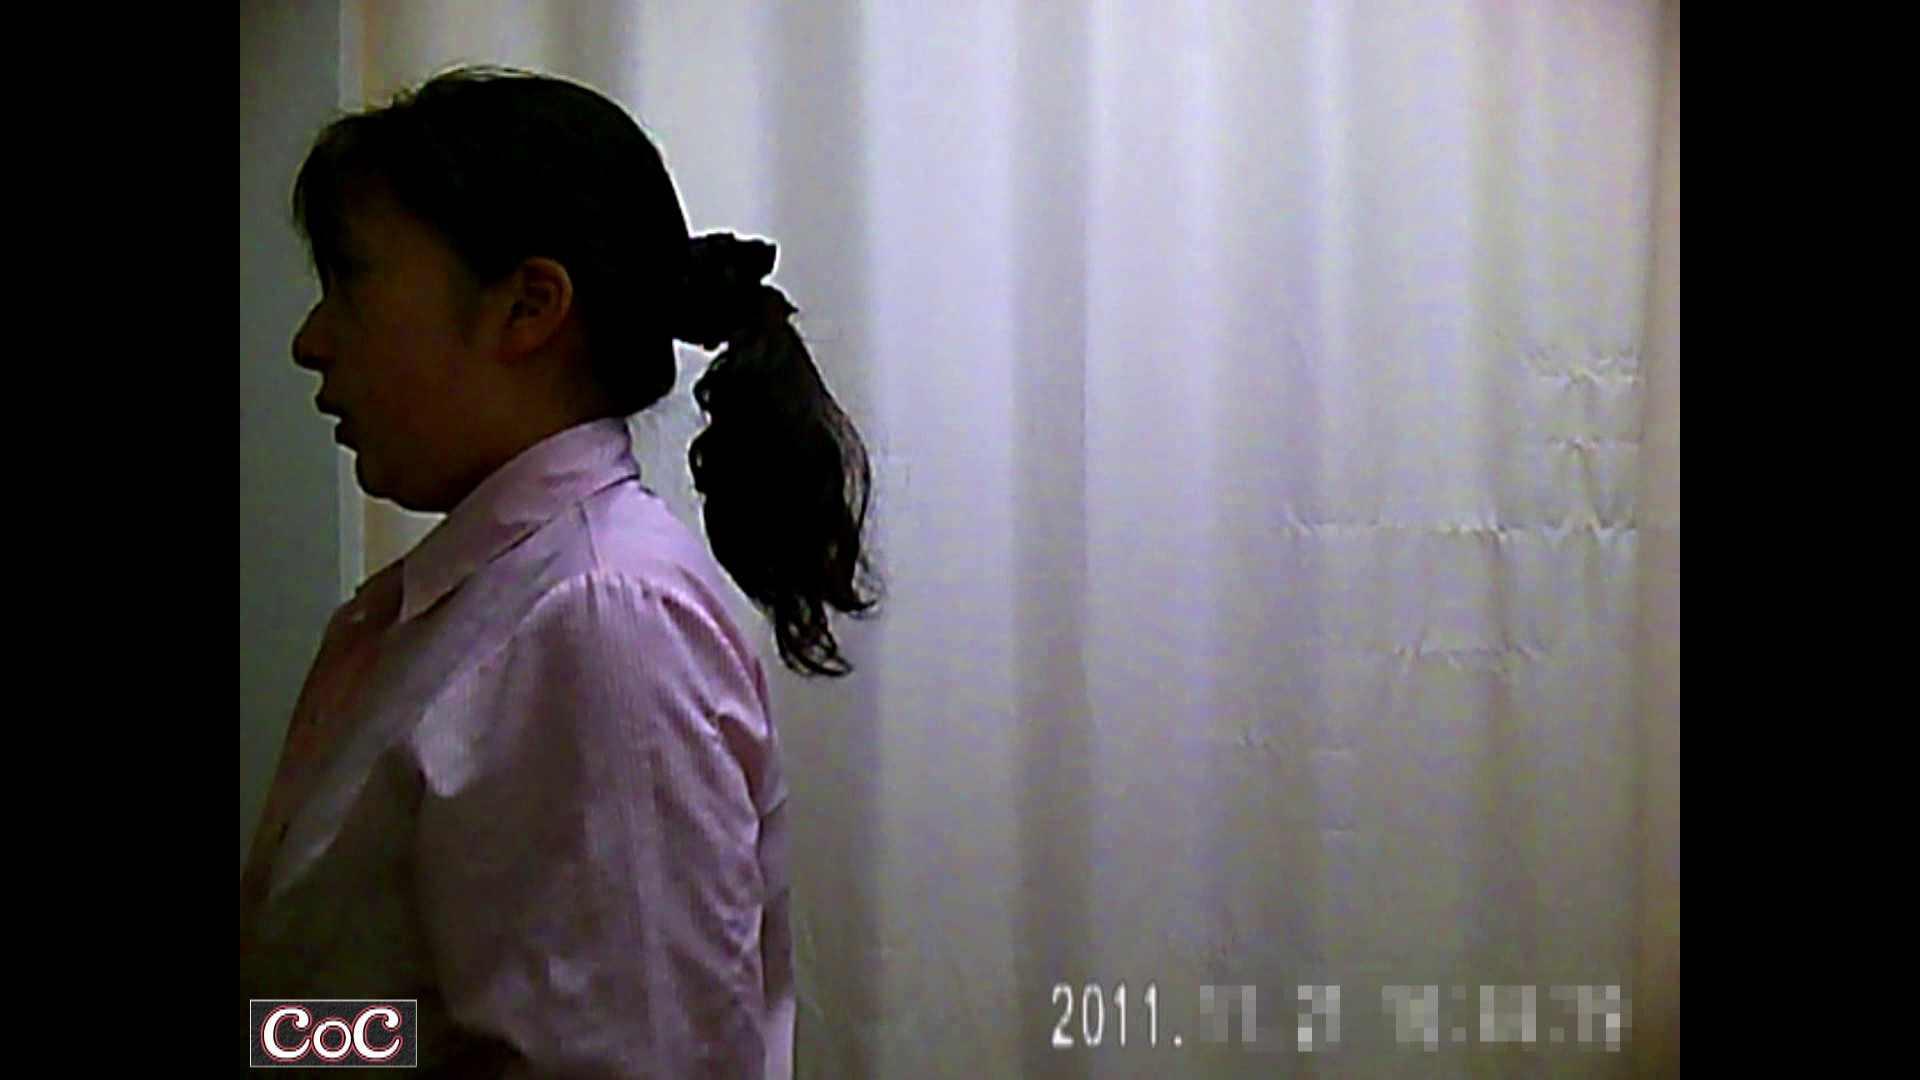 病院おもいっきり着替え! vol.99 巨乳 AV動画キャプチャ 74pic 40